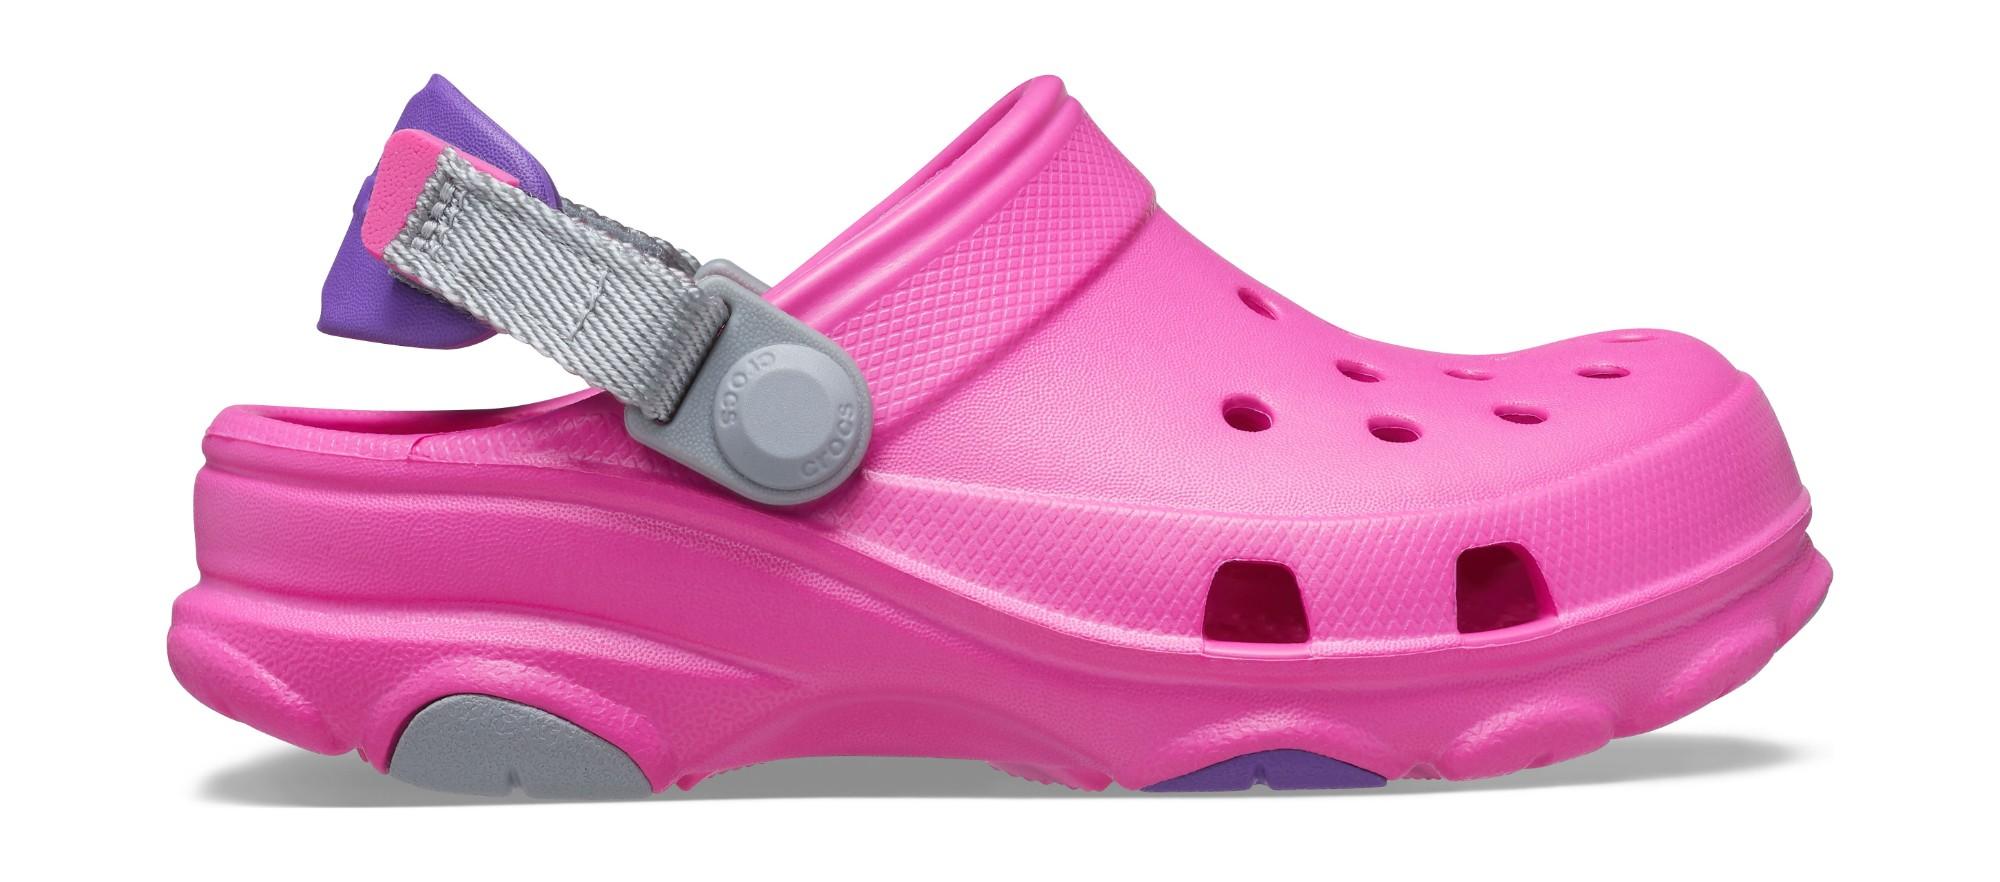 Crocs™ Classic All Terrain Clog Electric Pink 35